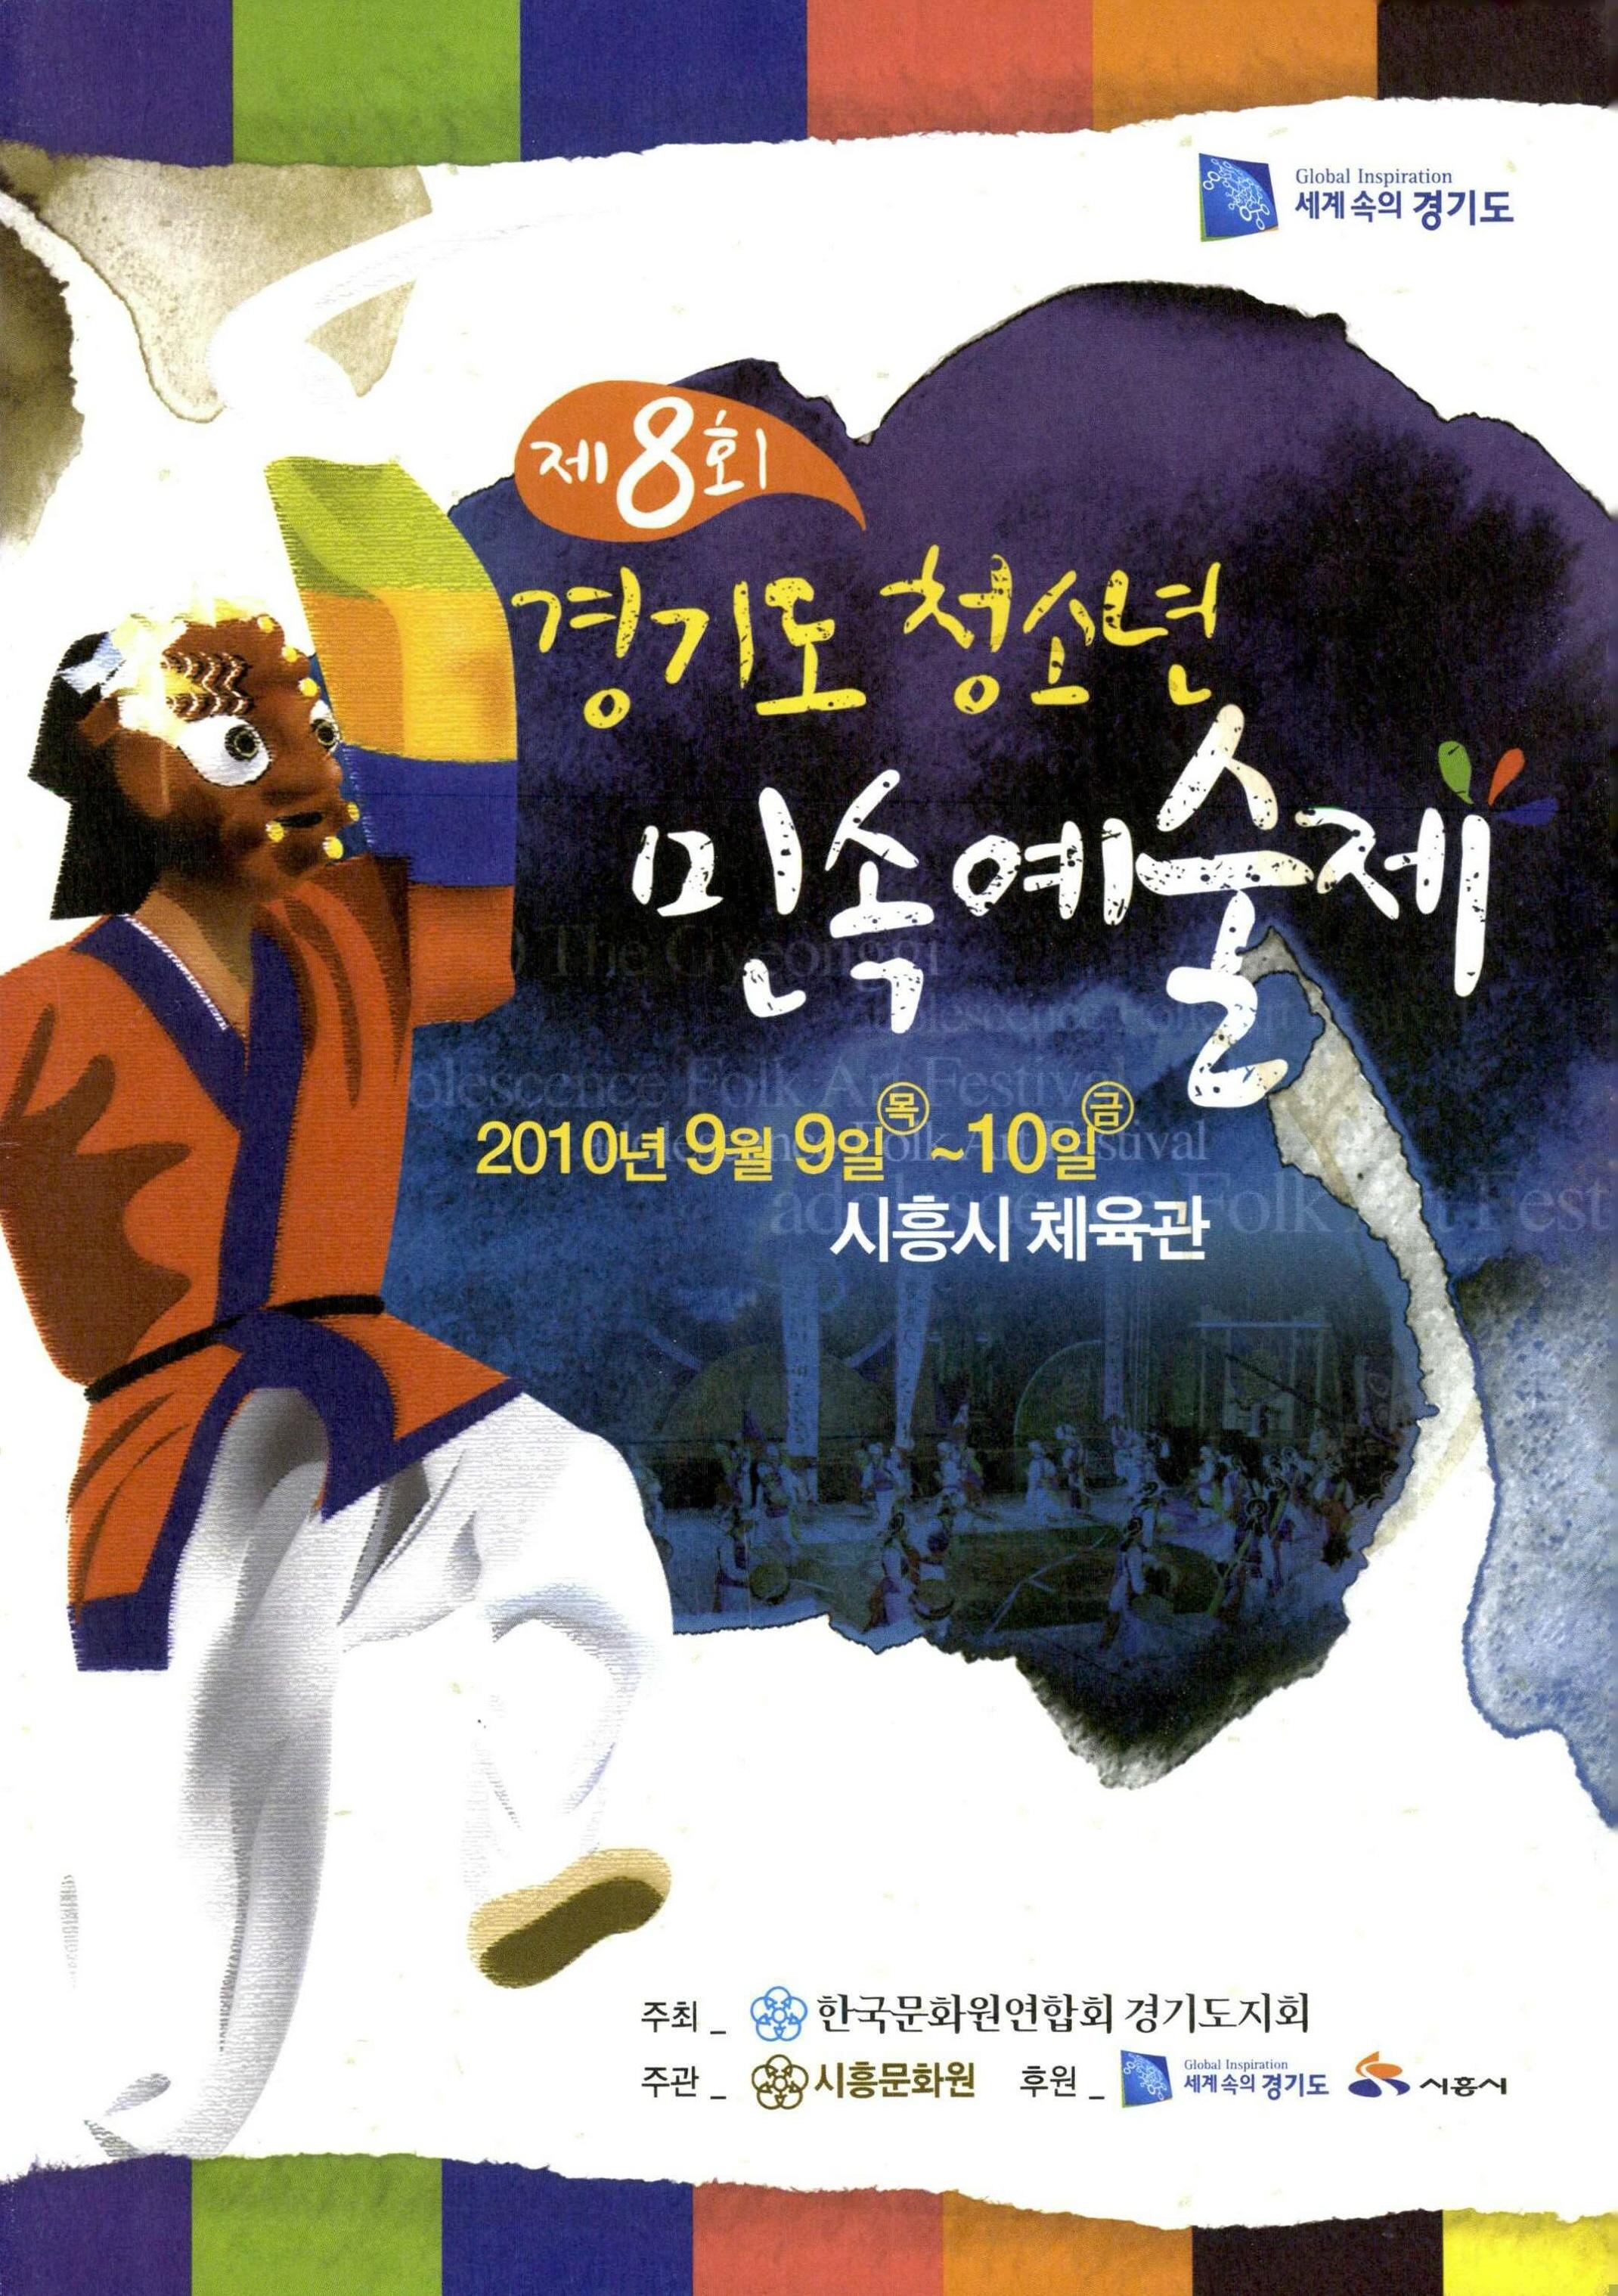 제8회 경기도 청소년 민속예술제